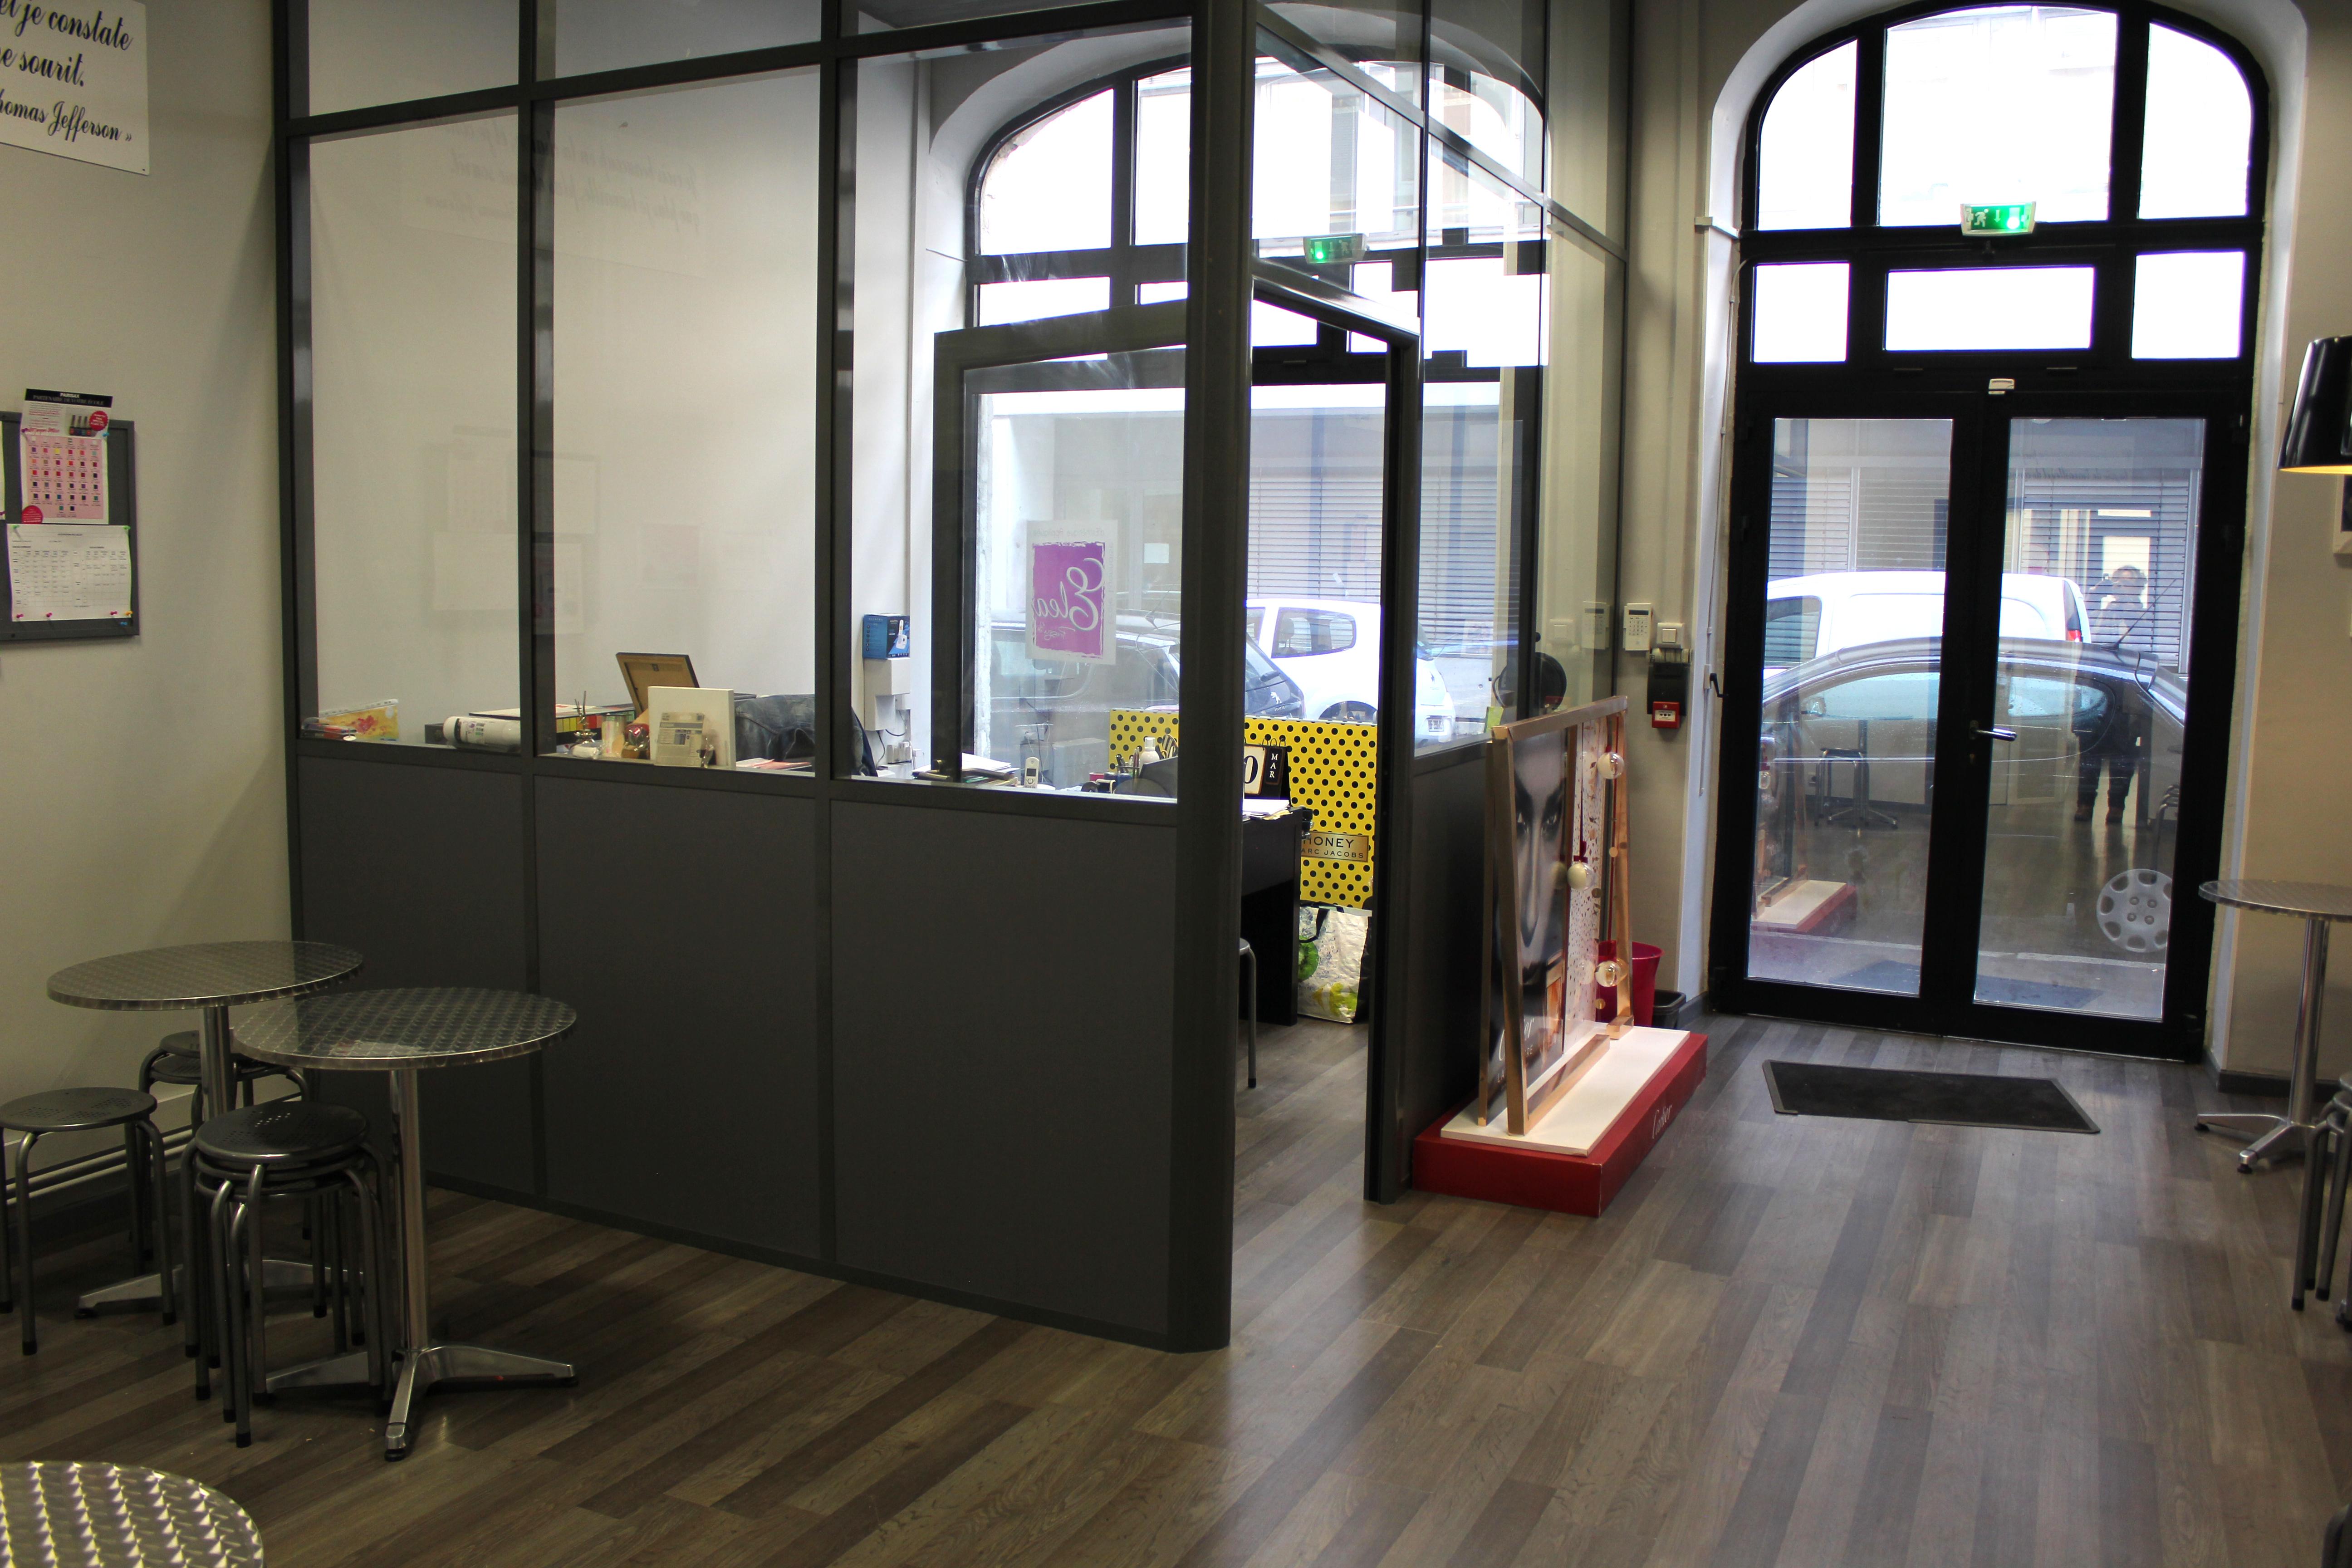 Ecole de coiffure et d esthetique lyon votre nouveau - Salon esthetique lyon ...